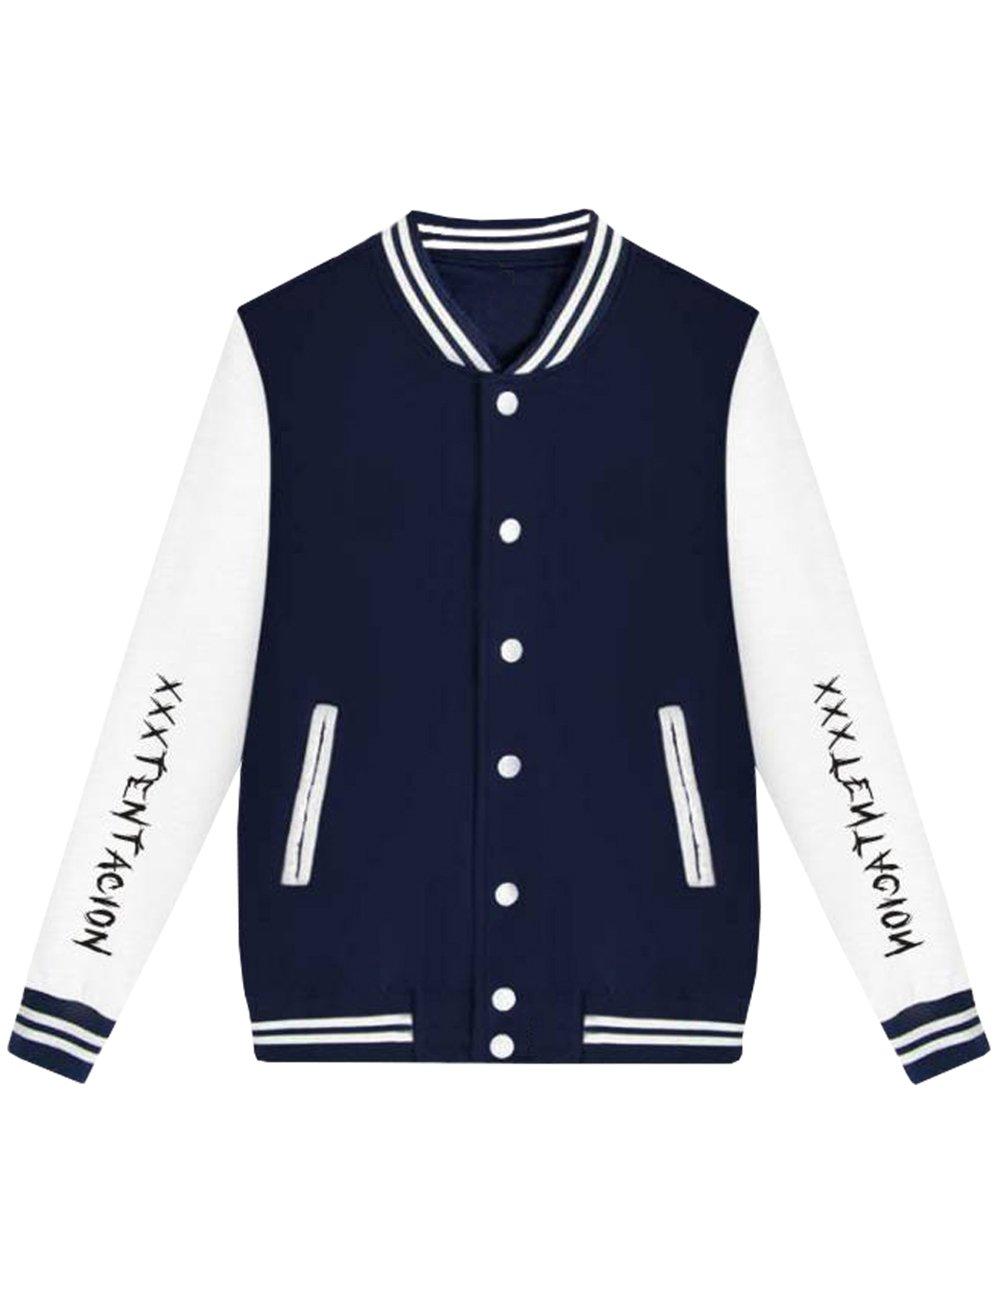 Detroital Unisex Xxxtentacion Baseball Jacket Sad Heart Graphic Rap Sweatshirt Navy Blue S